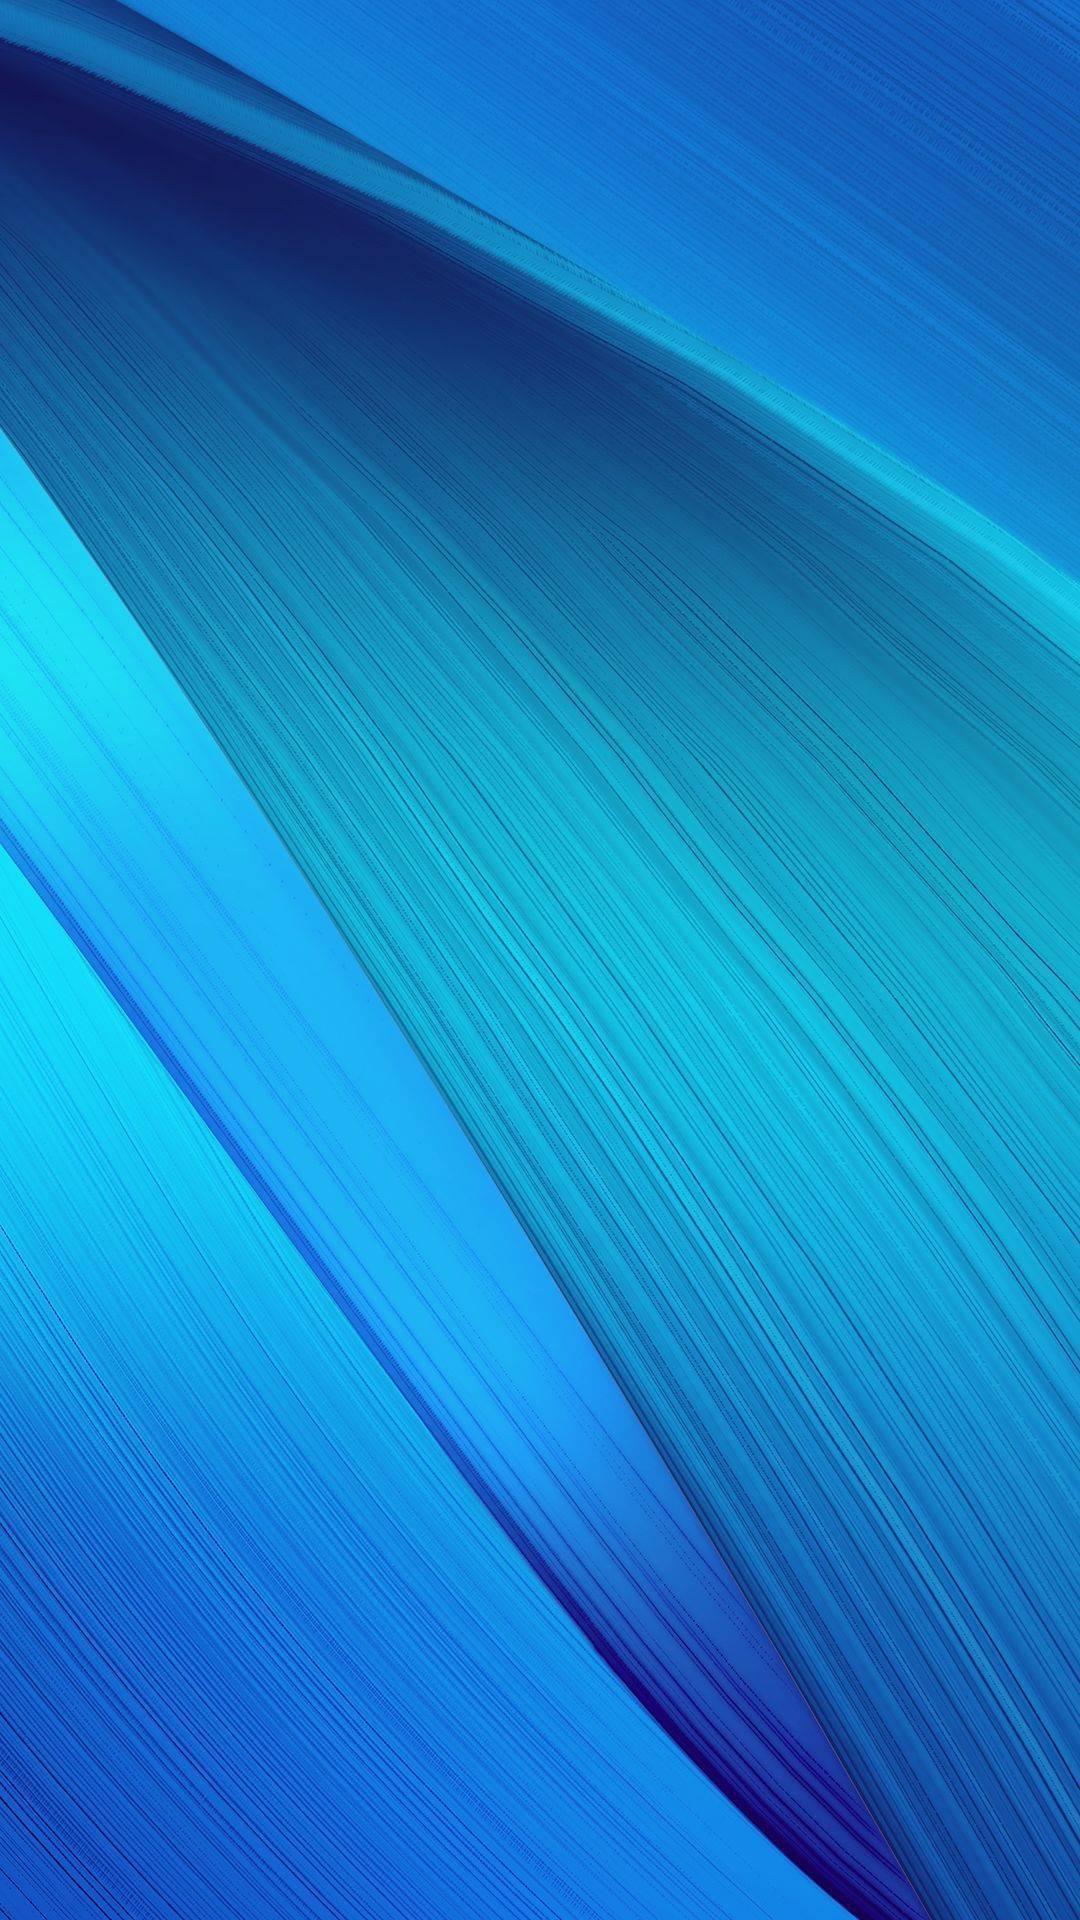 Asus Zenfone 2 Stock Wallpapers Full Hd Download